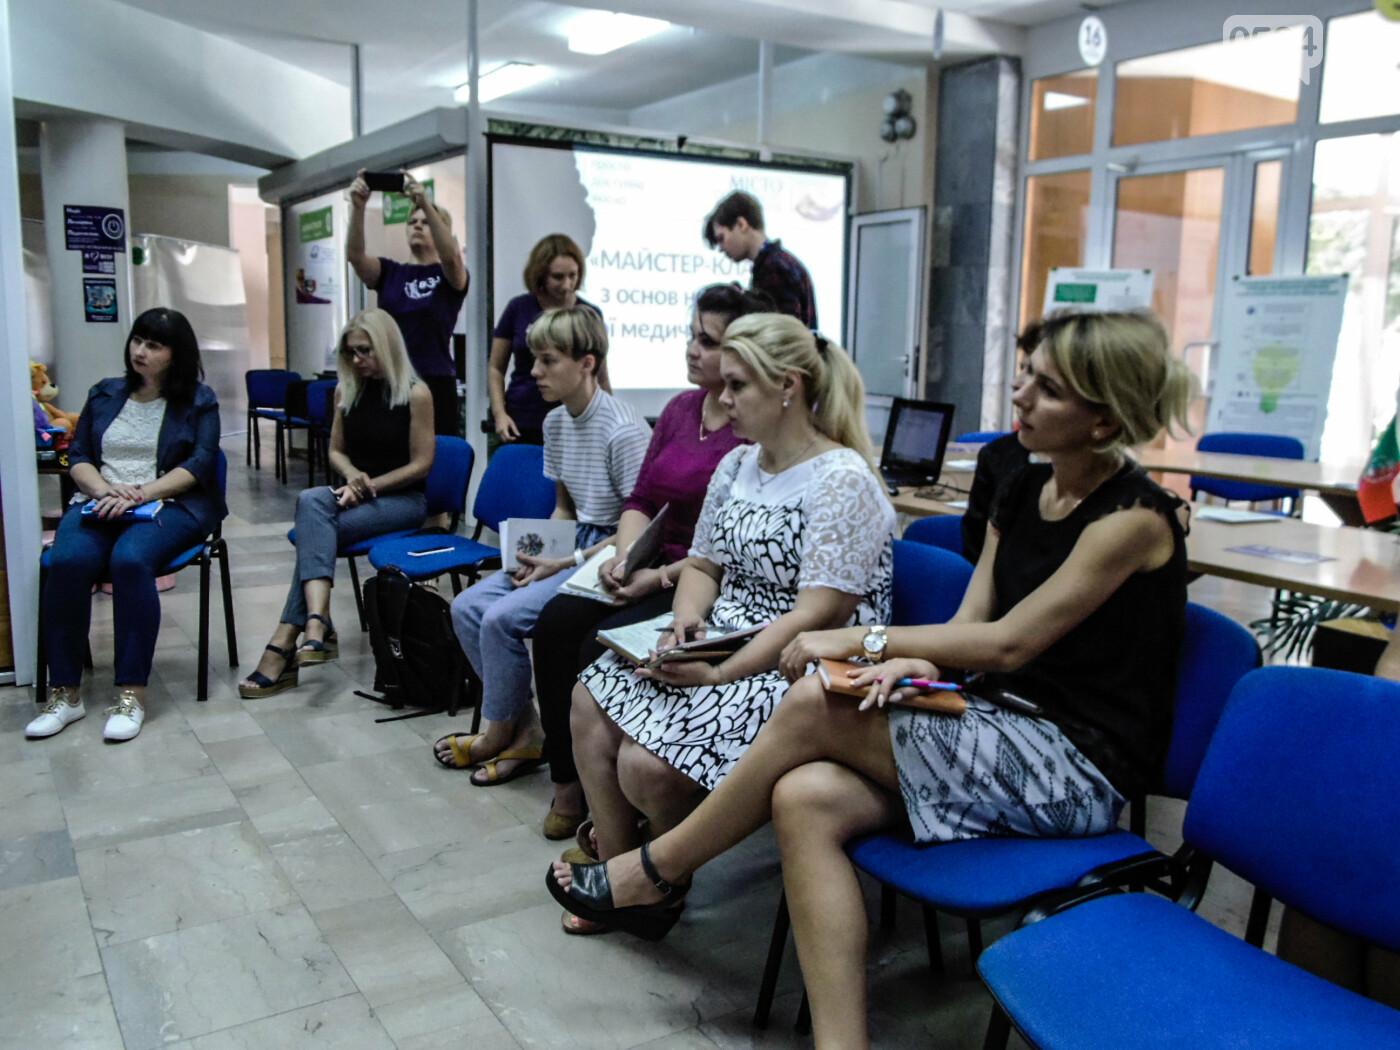 В Криворожском горисполкоме обучали оказывать людям первую медицинскую помощь, - ФОТО, ВИДЕО , фото-7